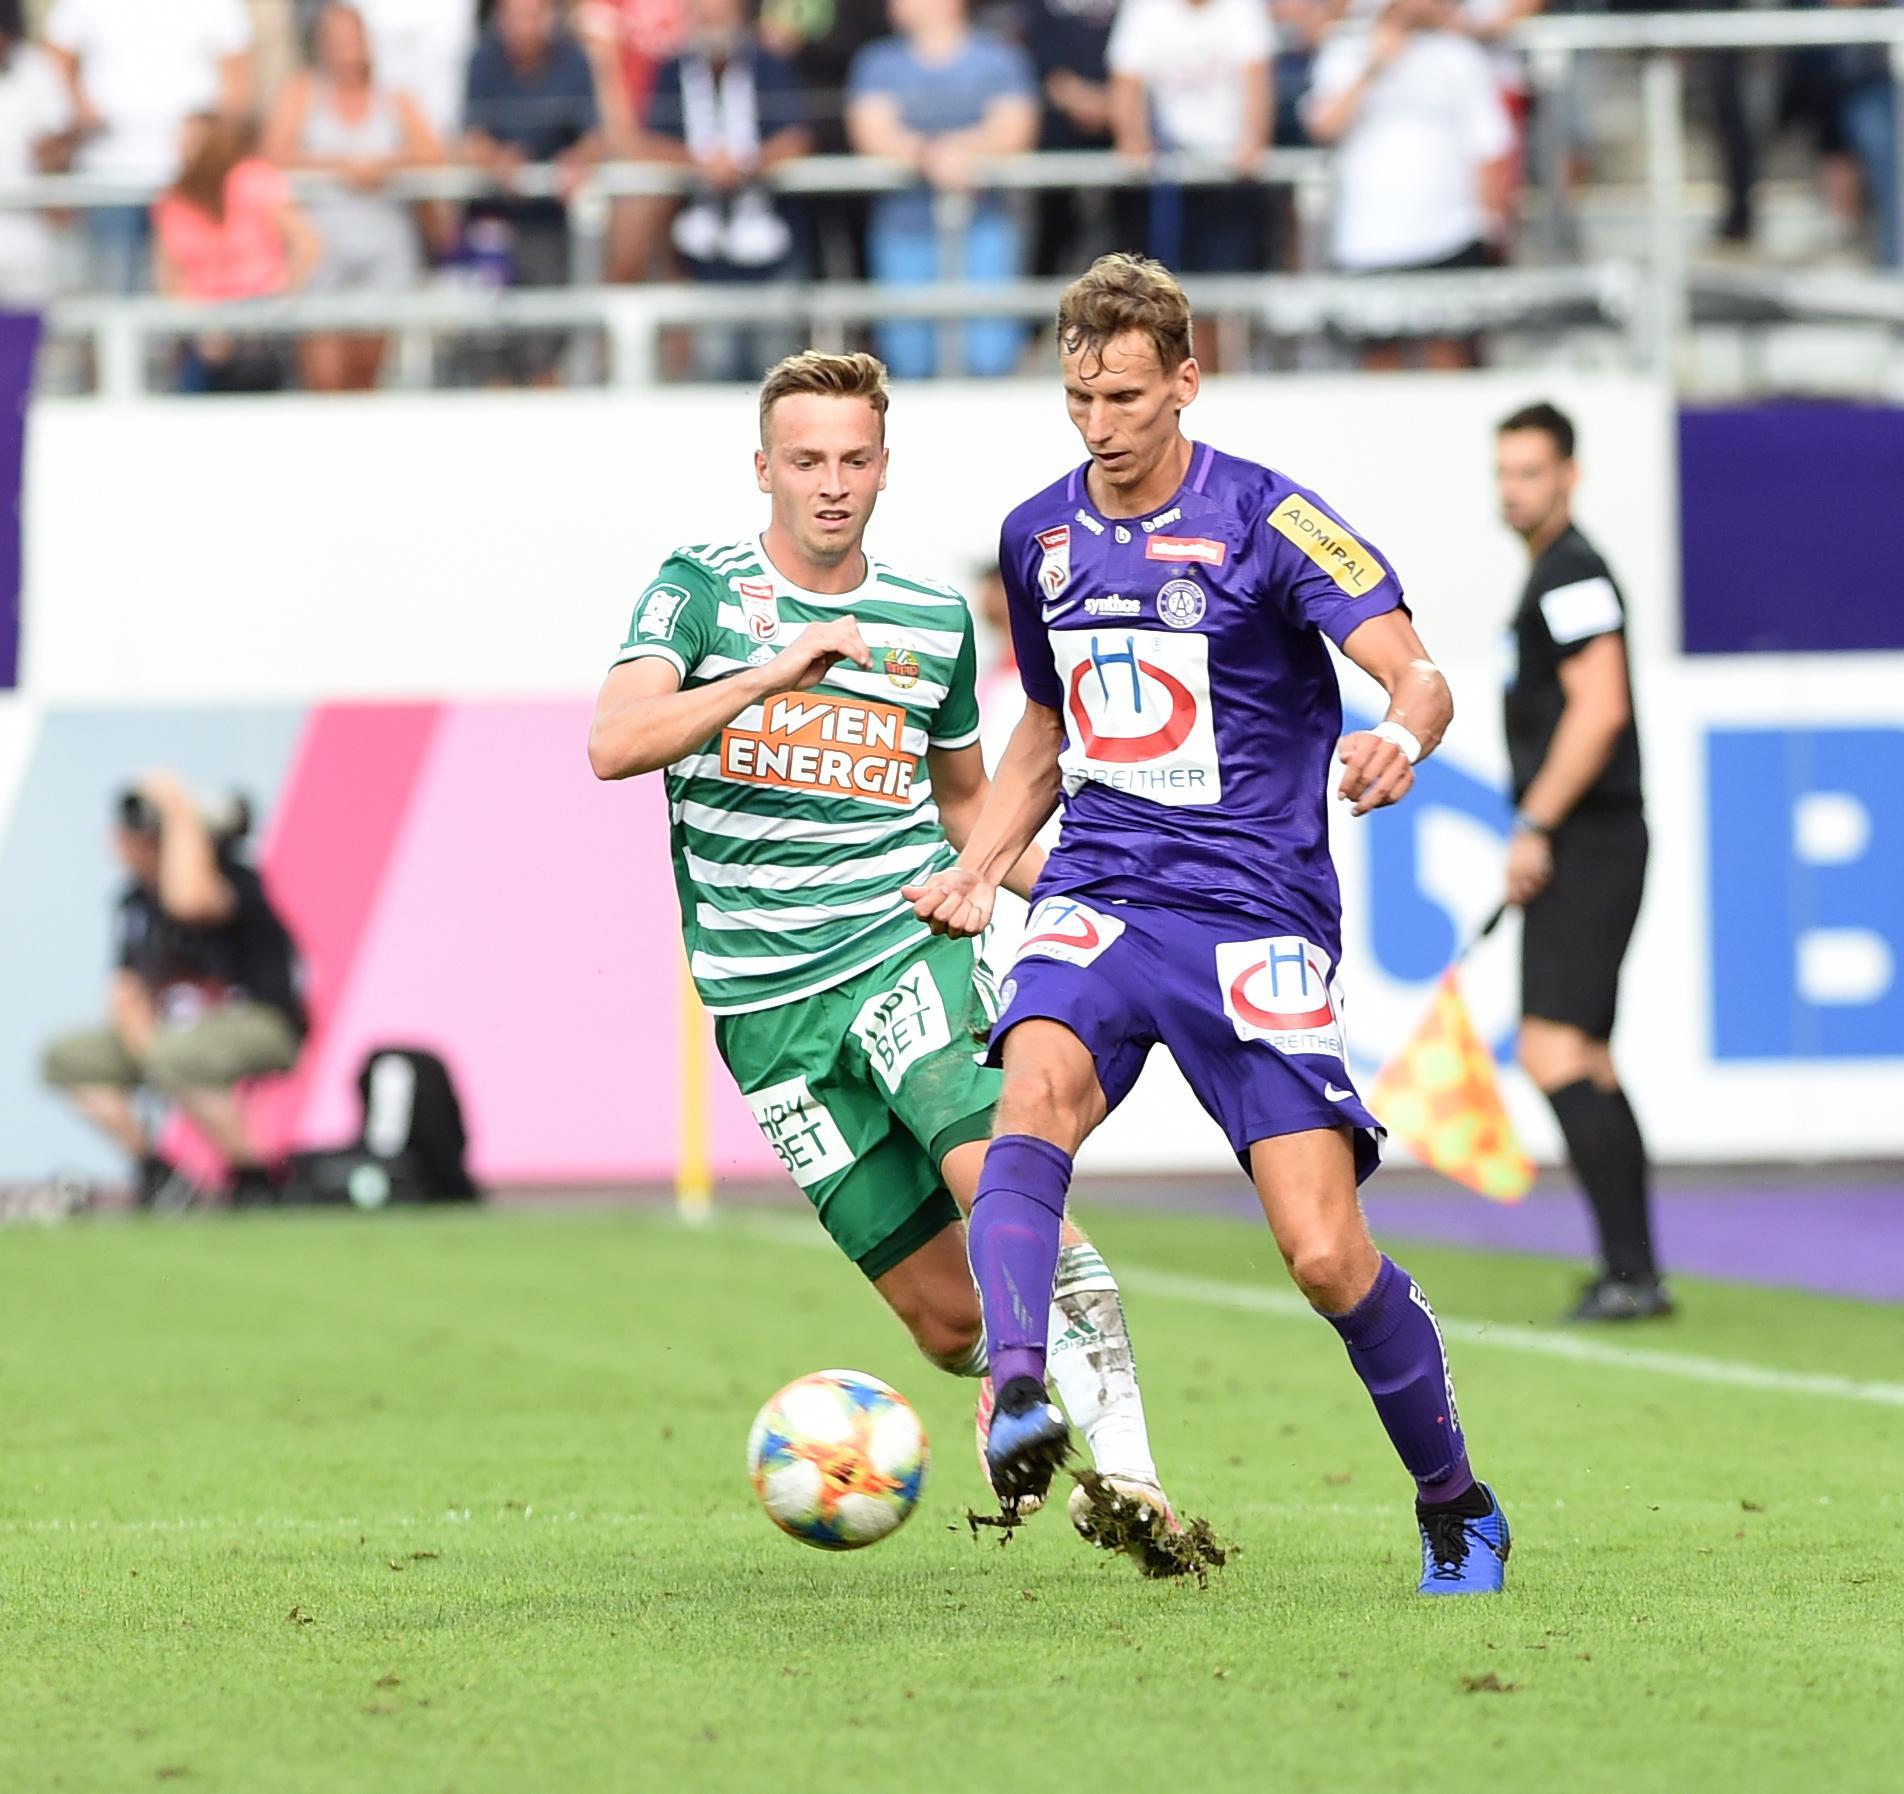 FUSSBALL TIPICO BUNDESLIGA / GRUNDDURCHGANG: FK AUSTRIA WIEN UND SK RAPID WIEN